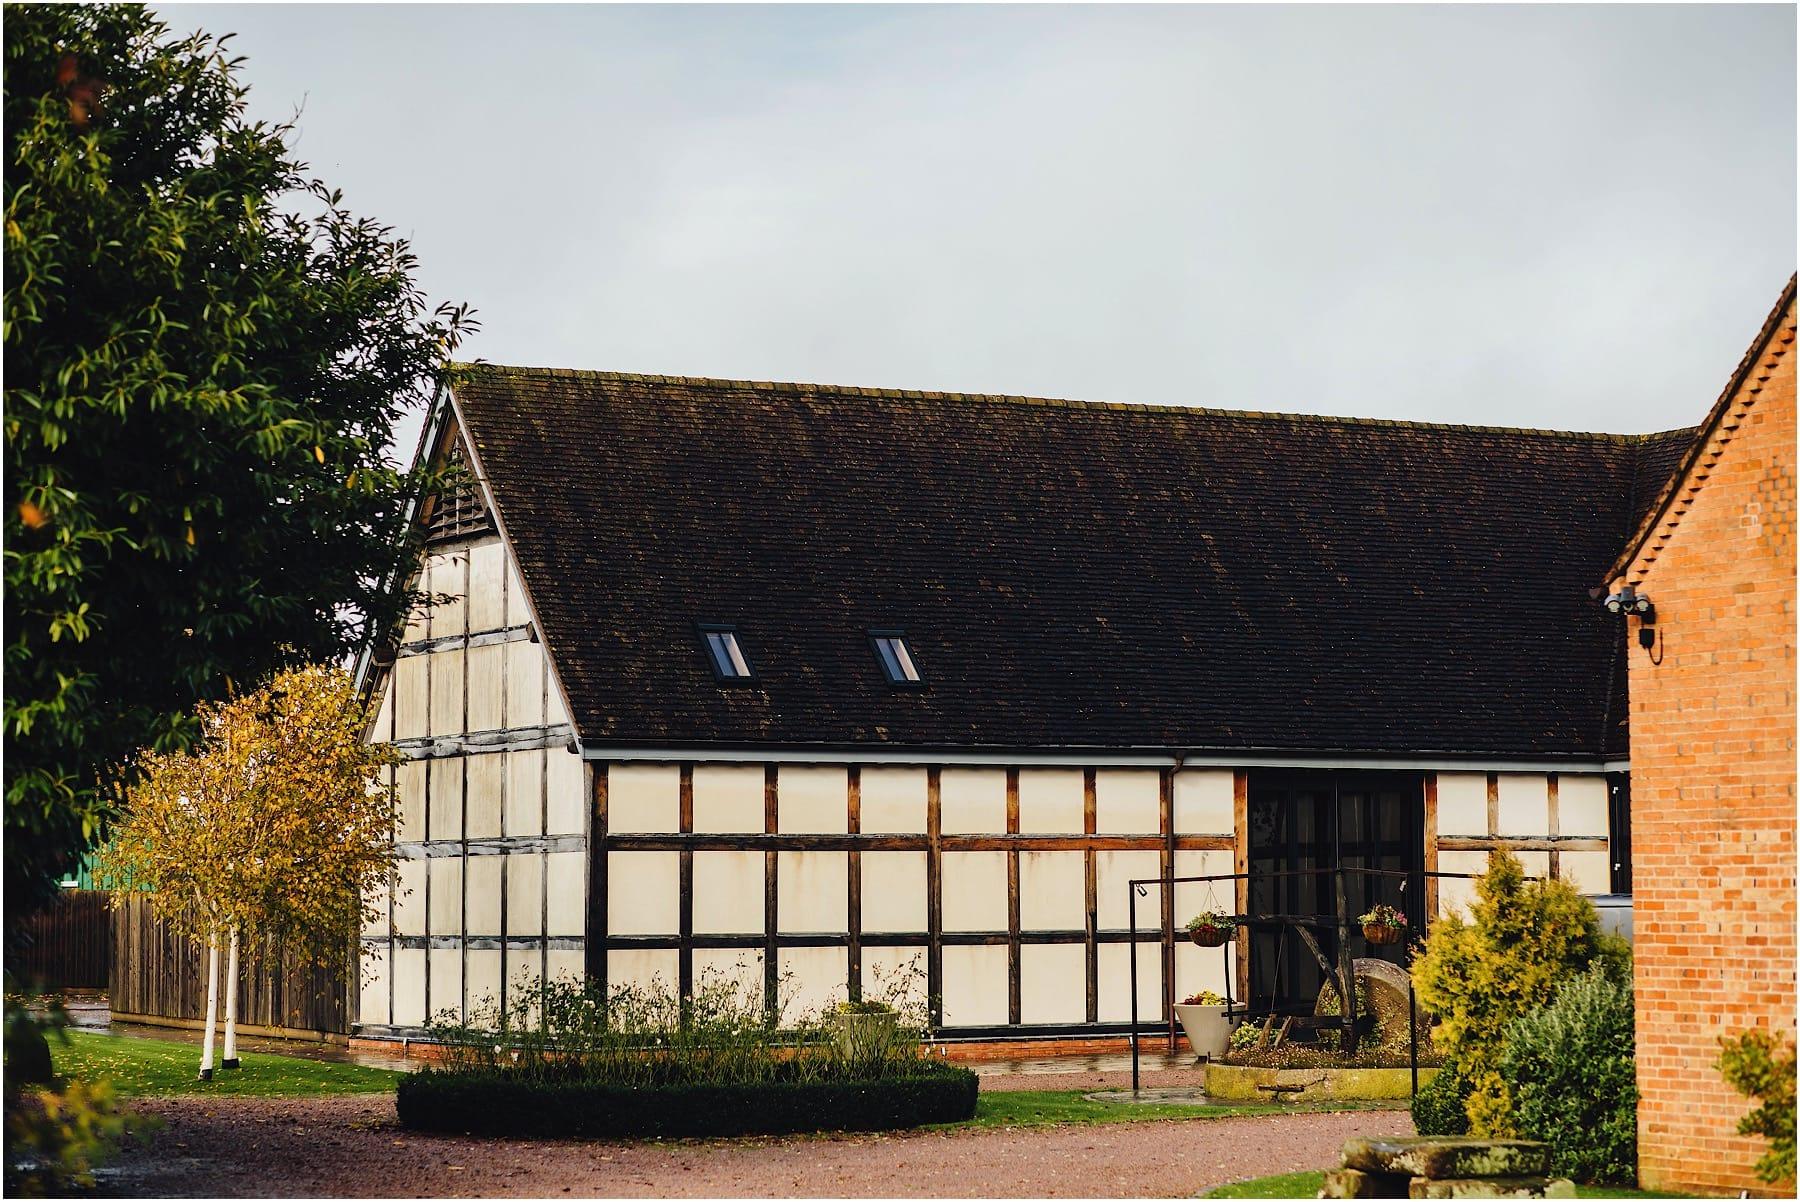 Redhouse Barn wedding venue